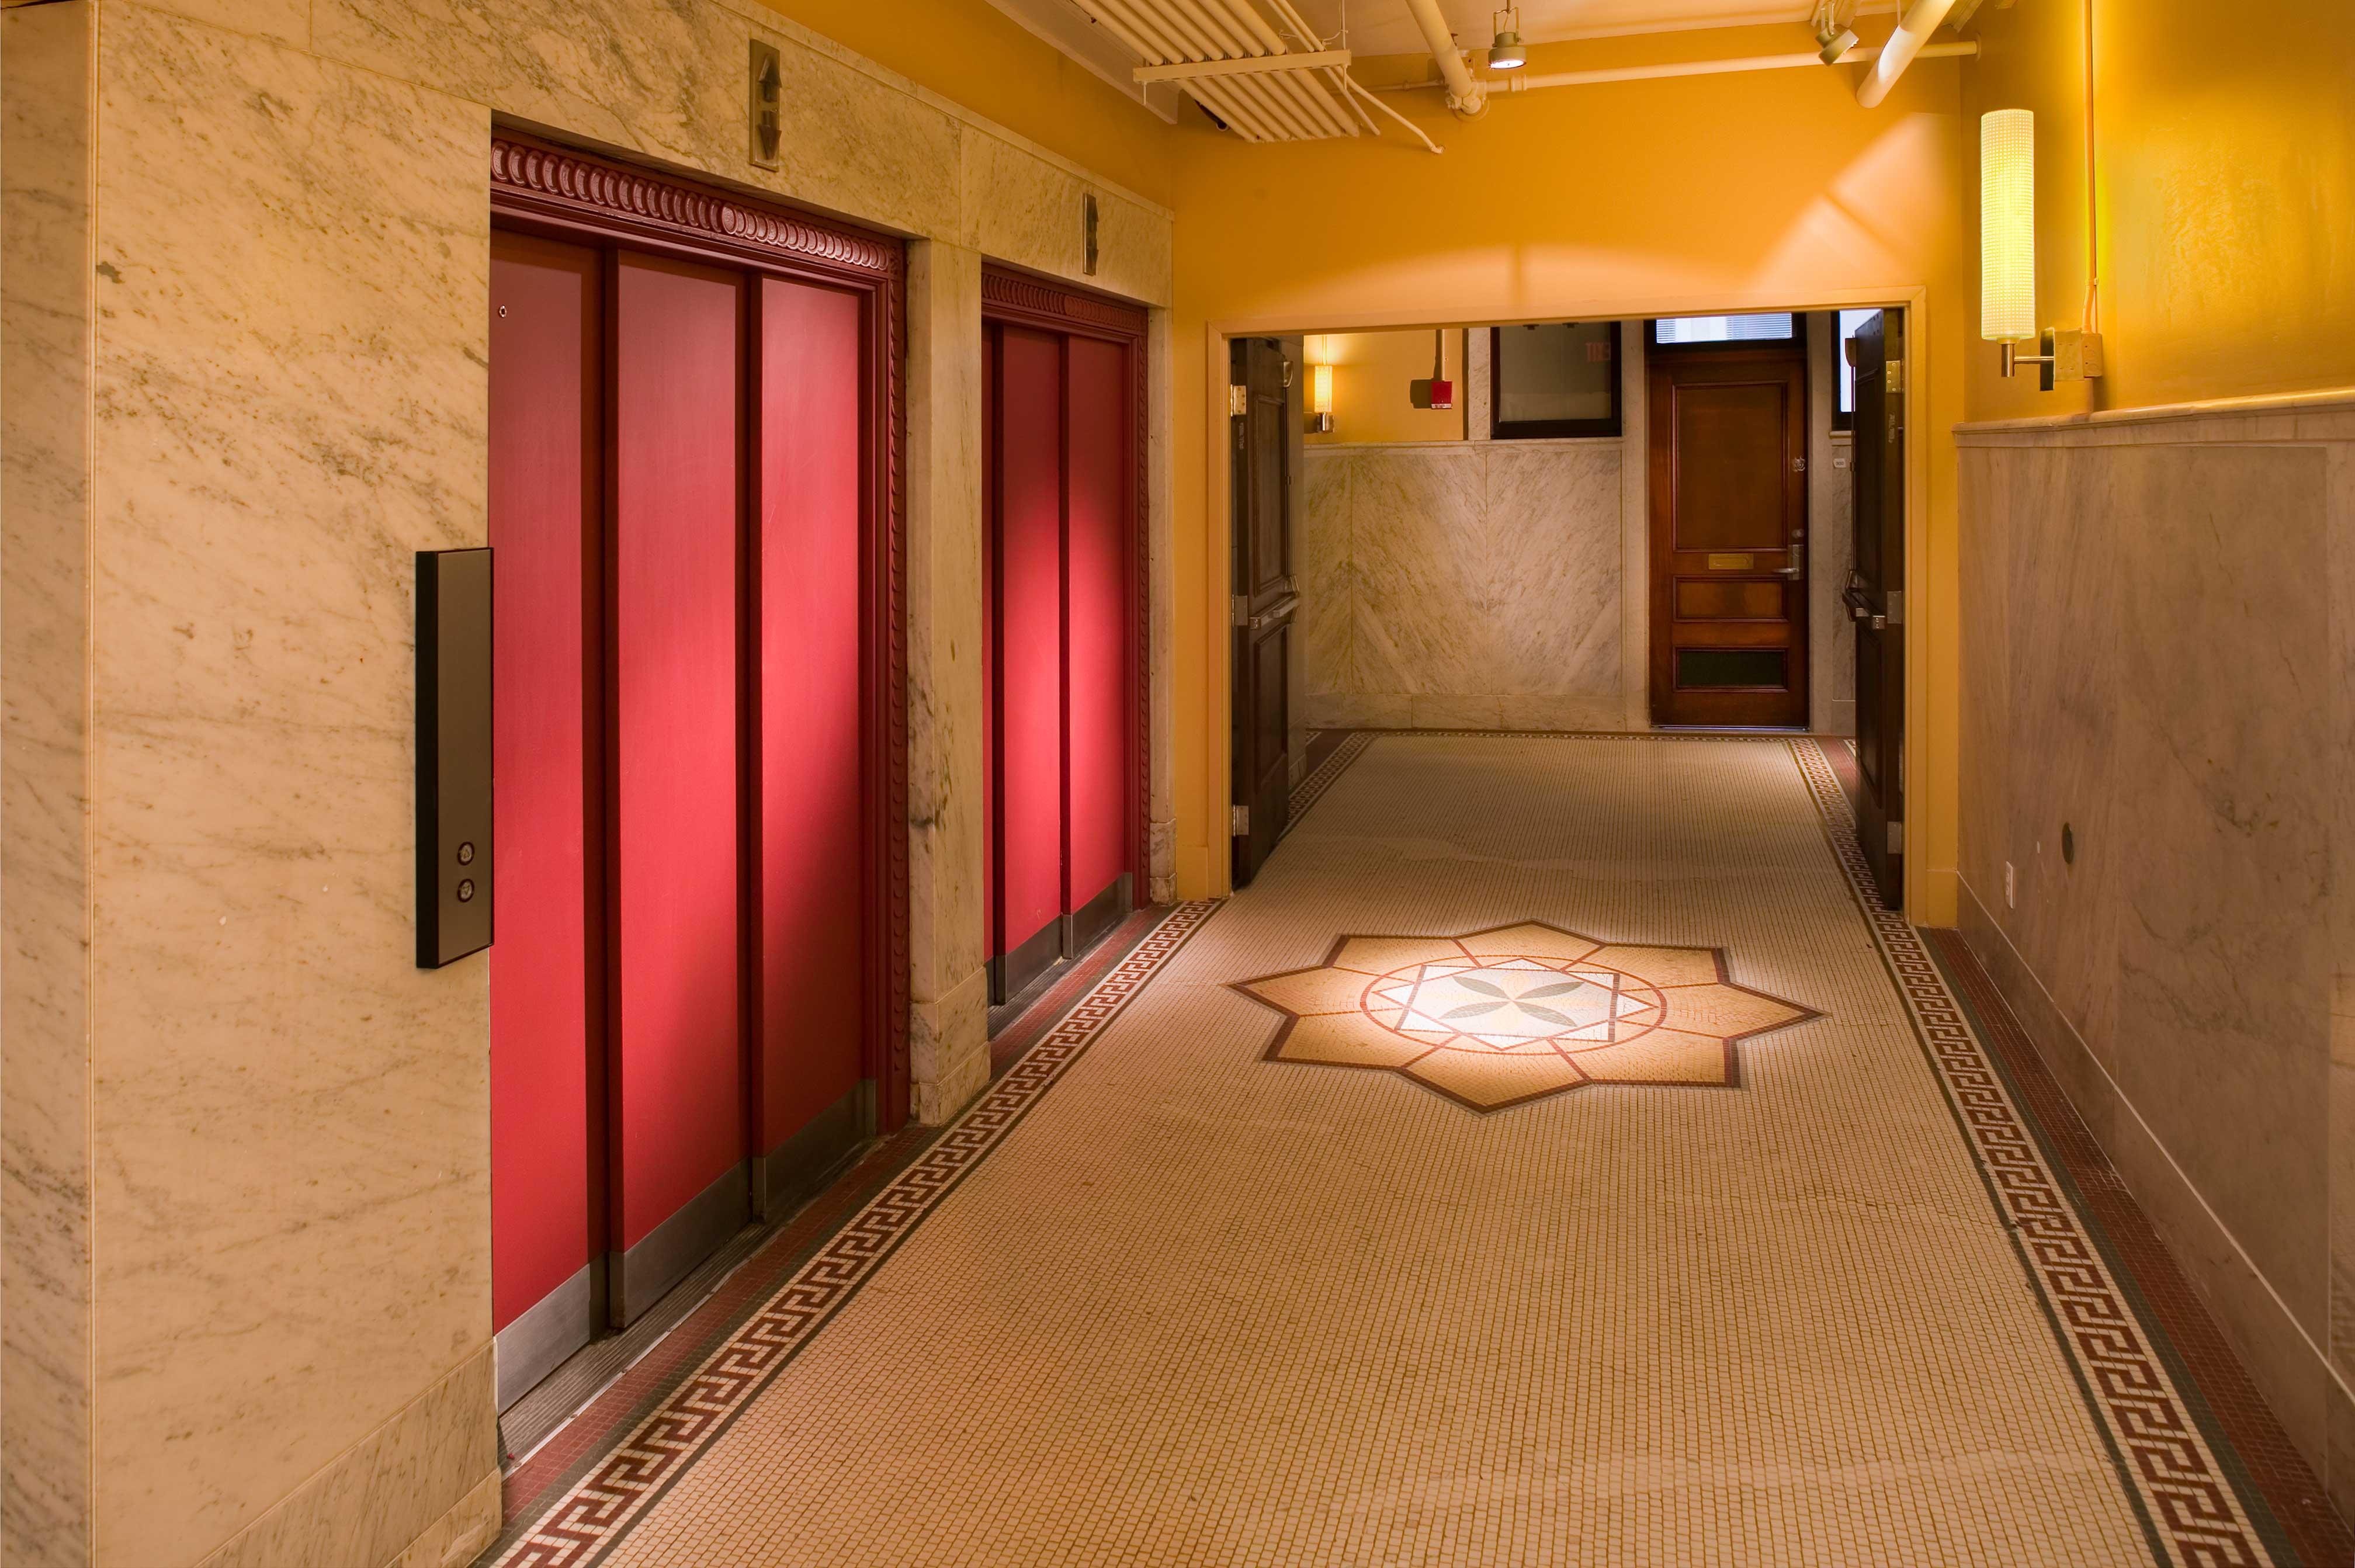 stahlman residential elevators